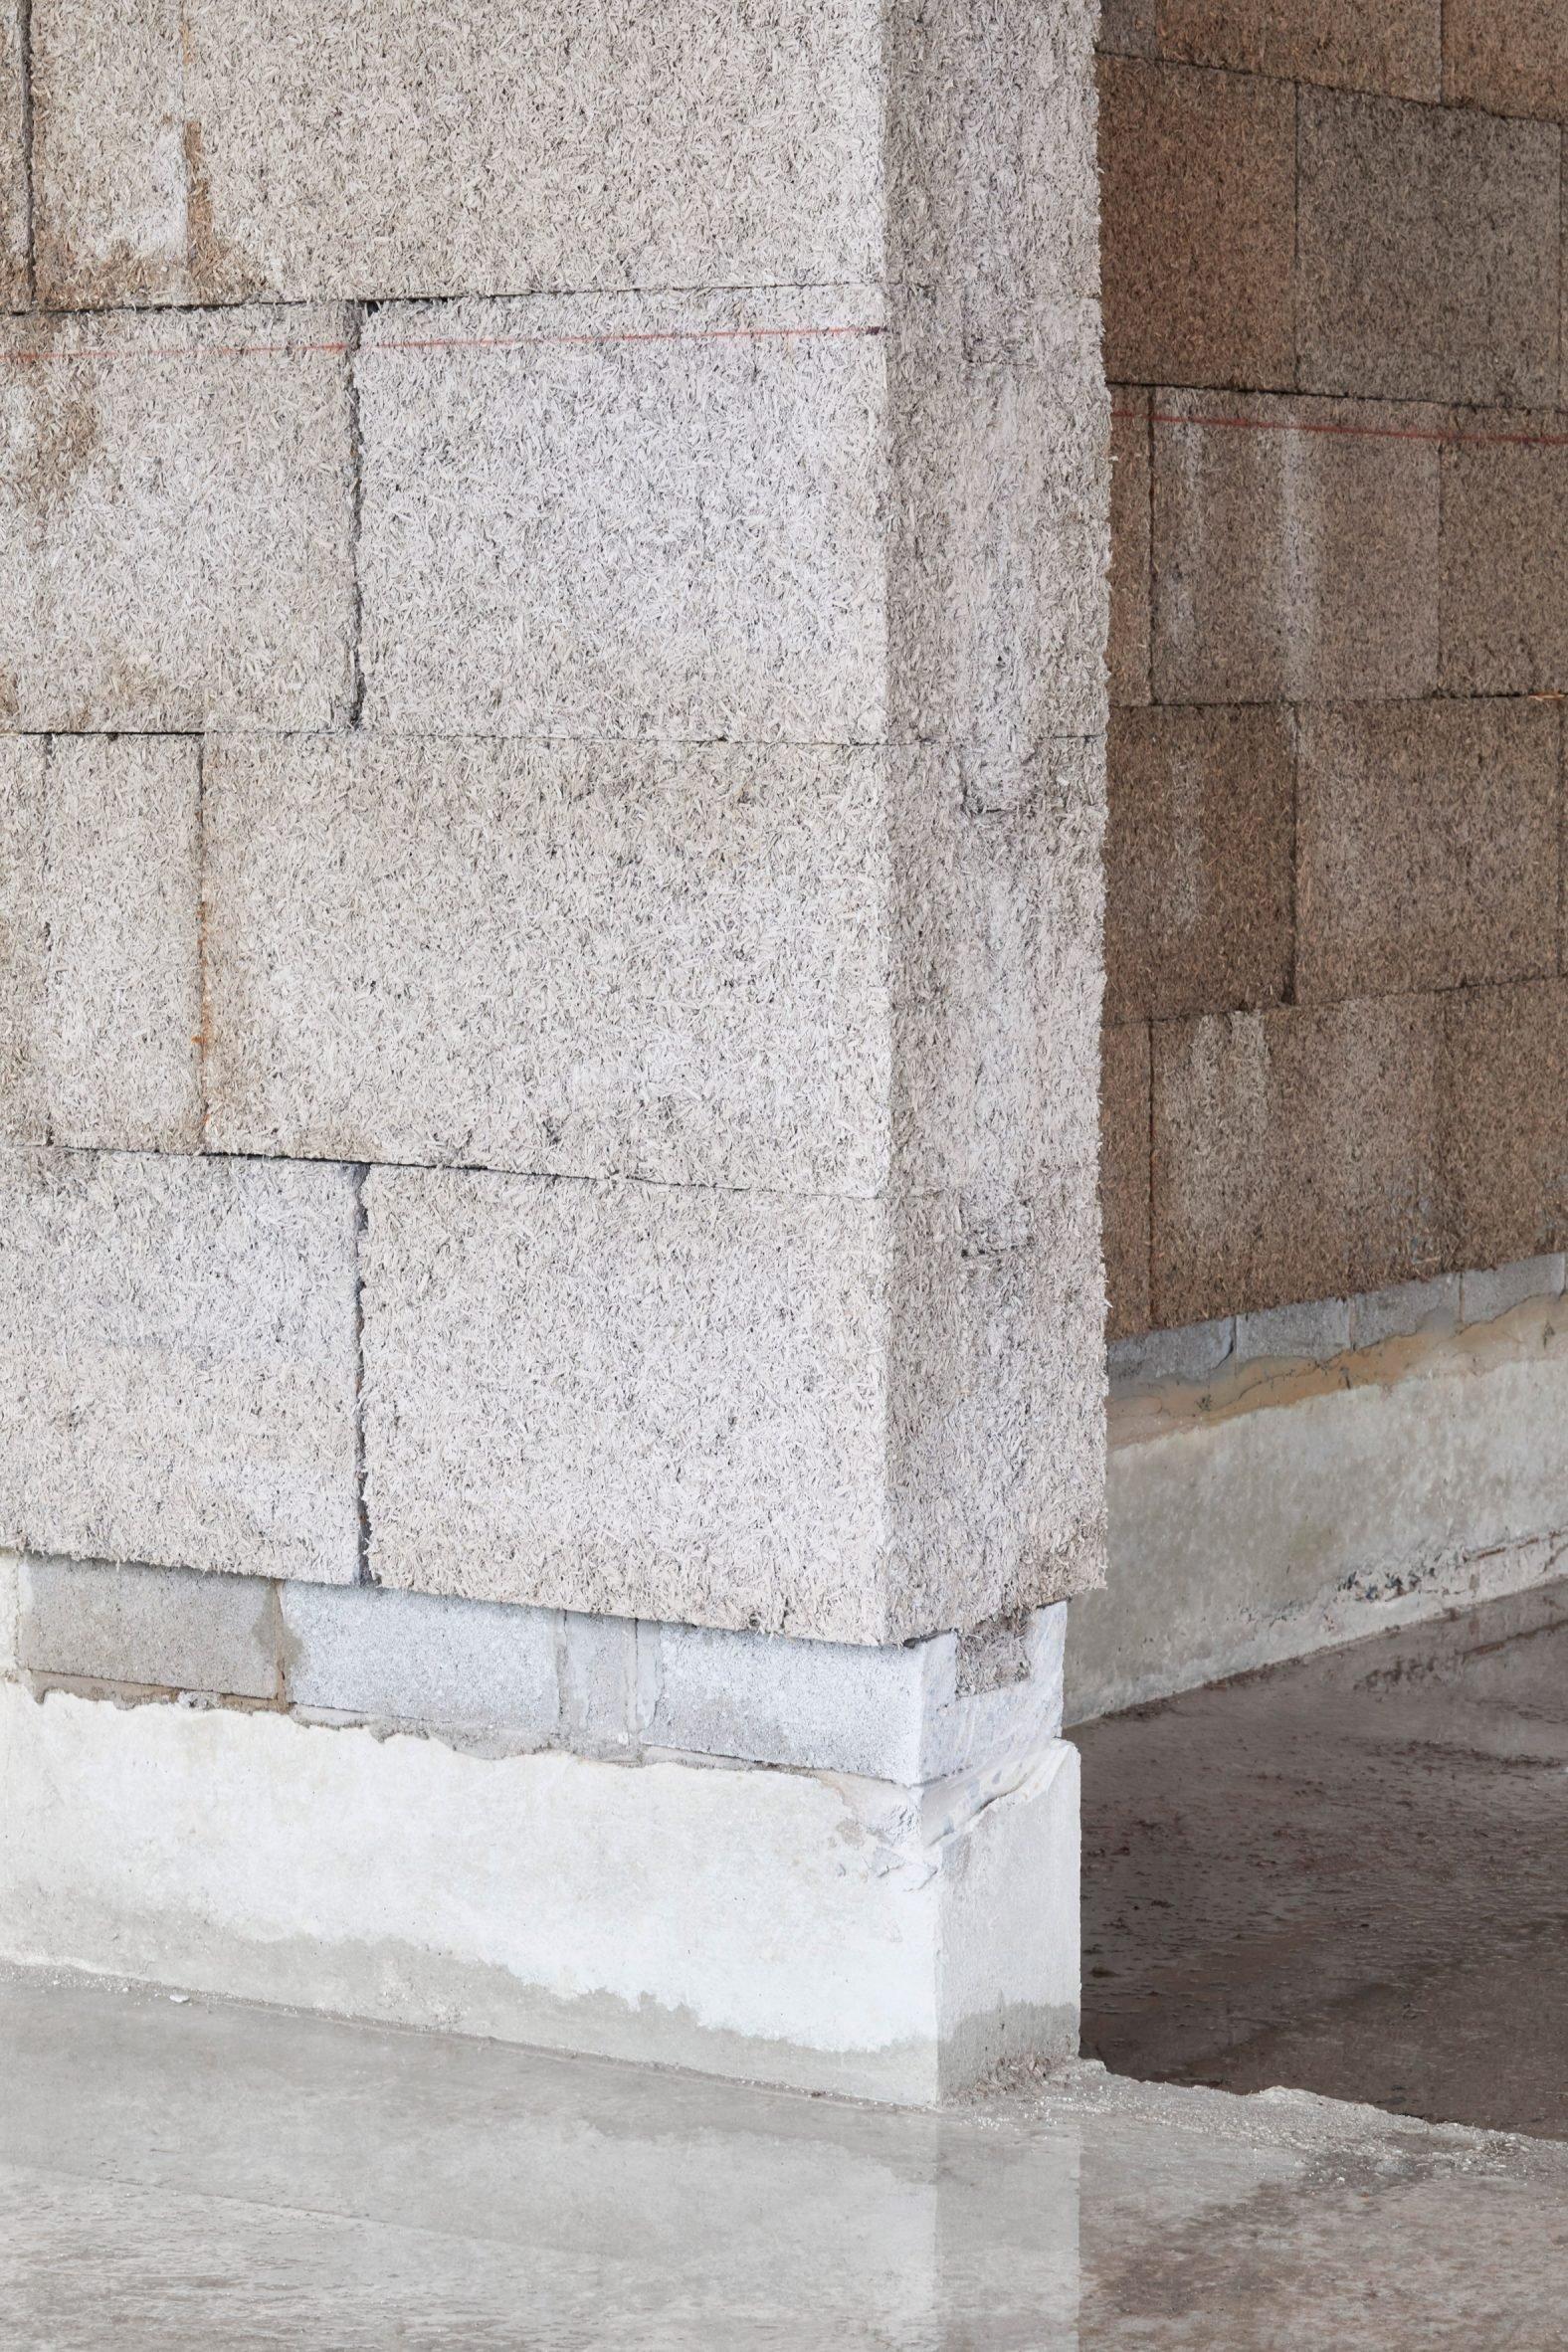 It has a concrete floor